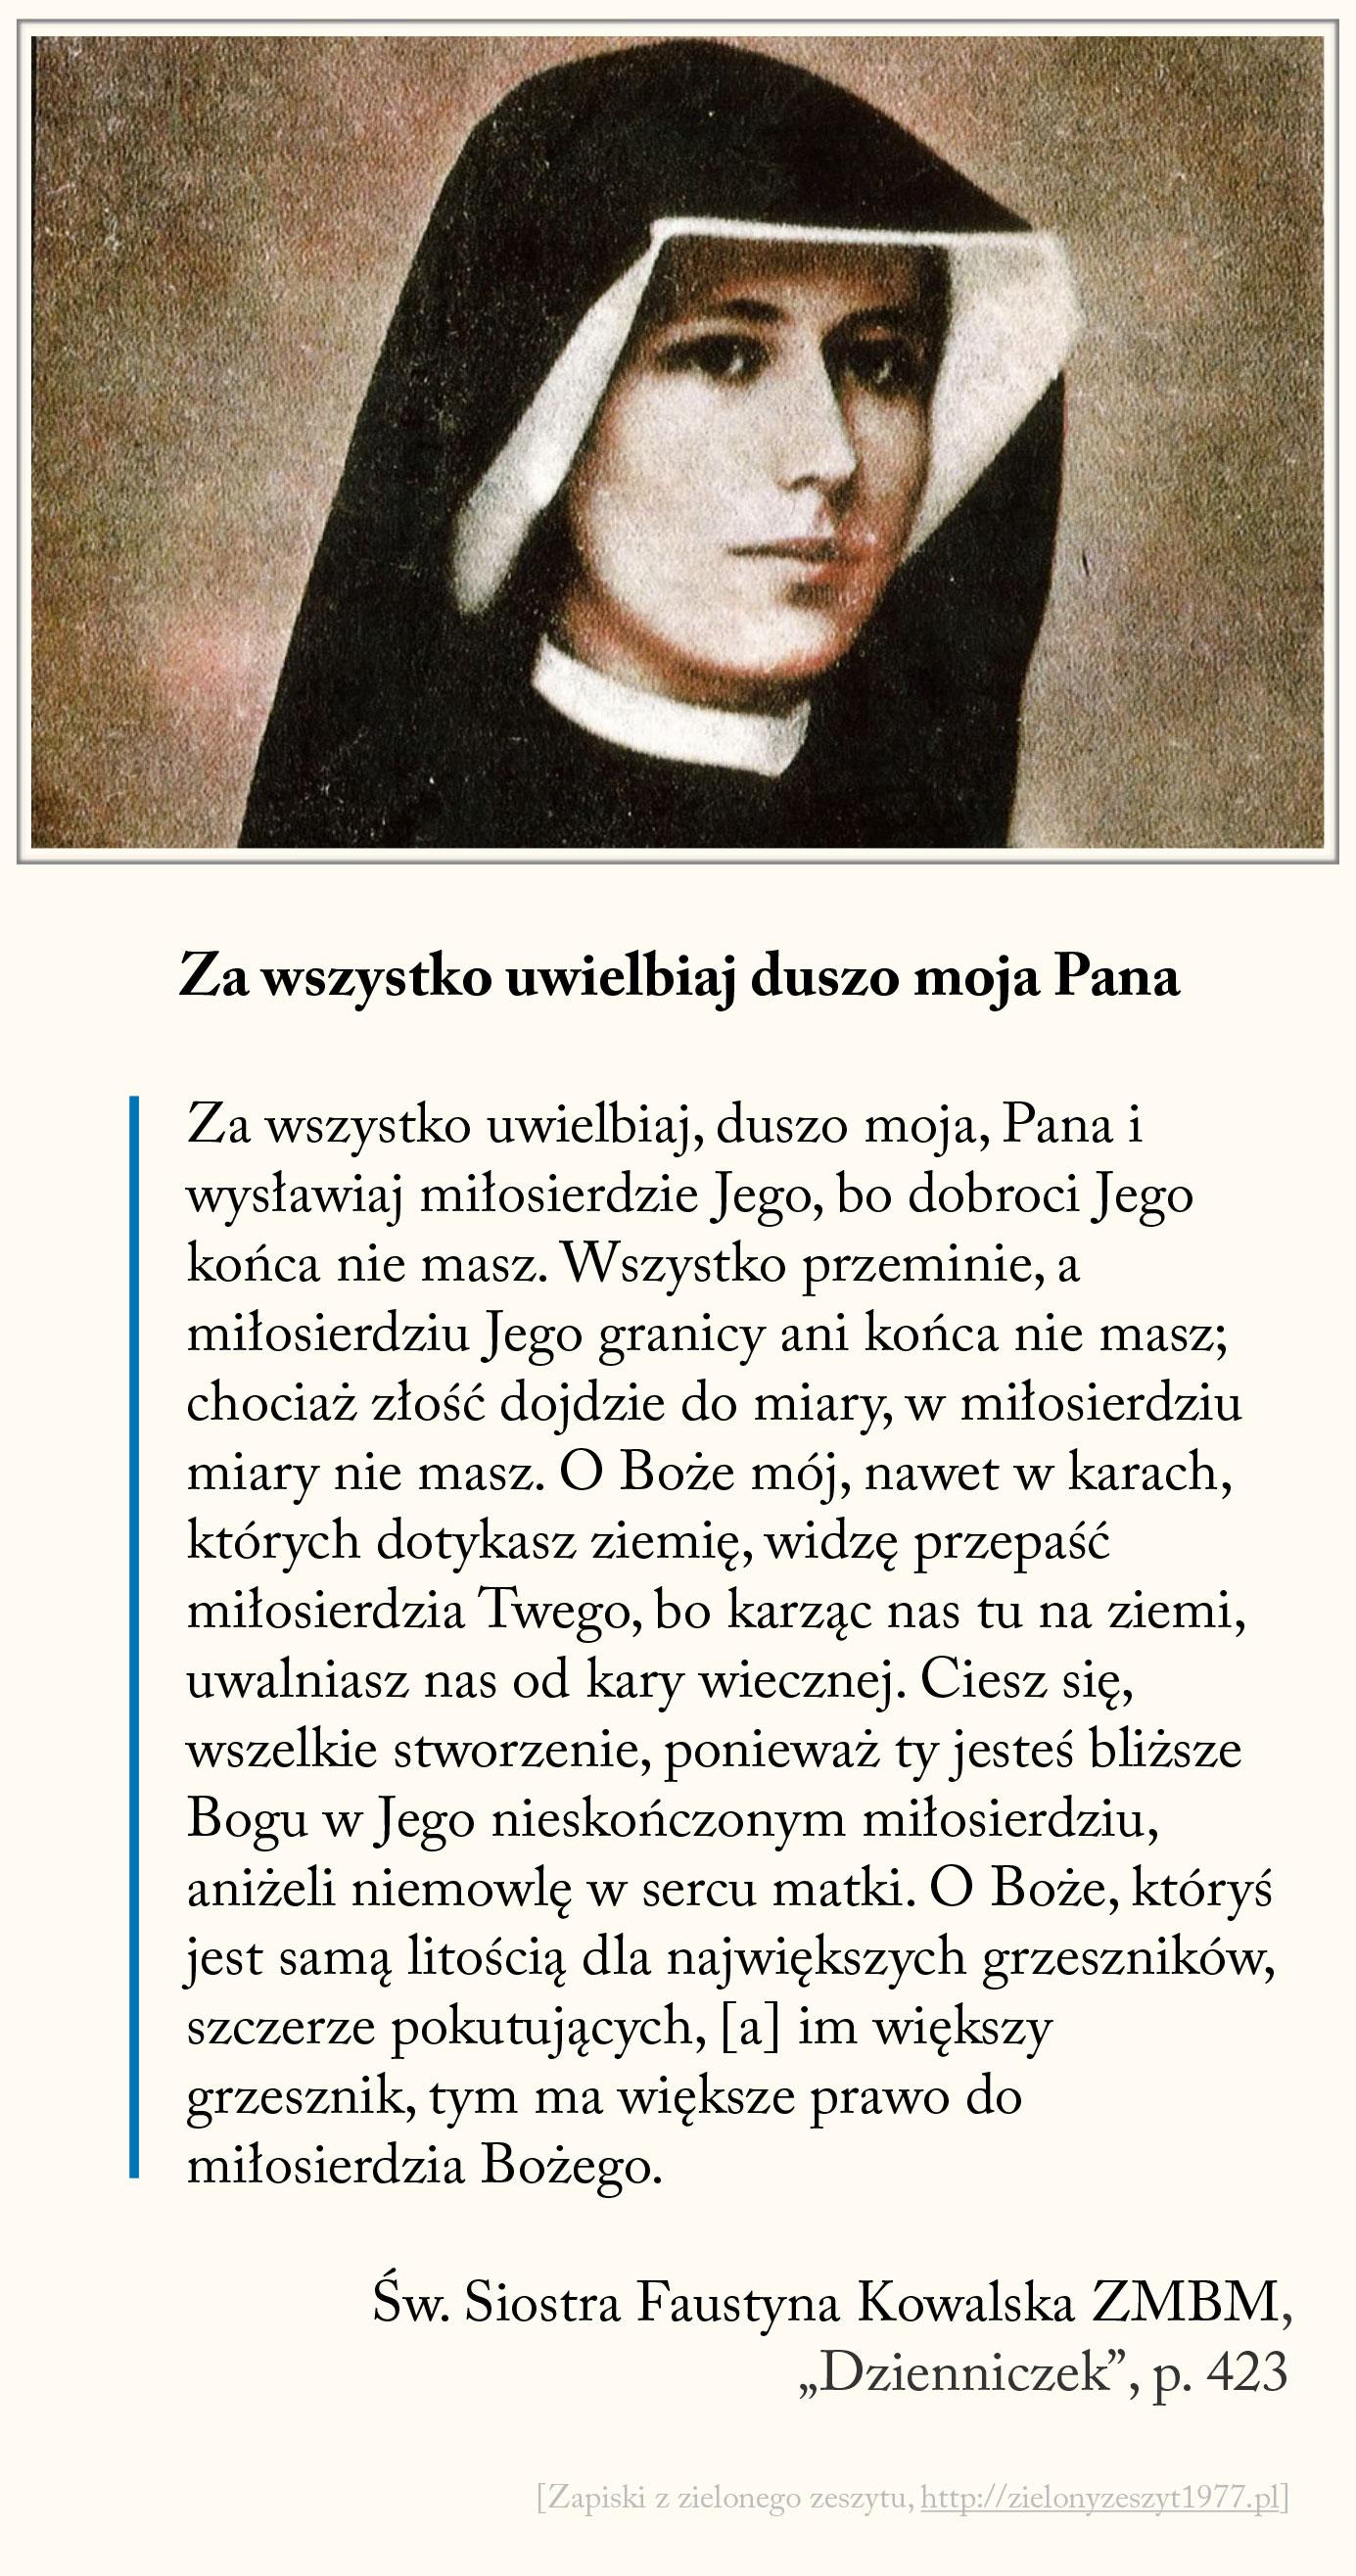 Za wszystko uwielbiaj duszo moja Pana, św. Faustyna Kowalska